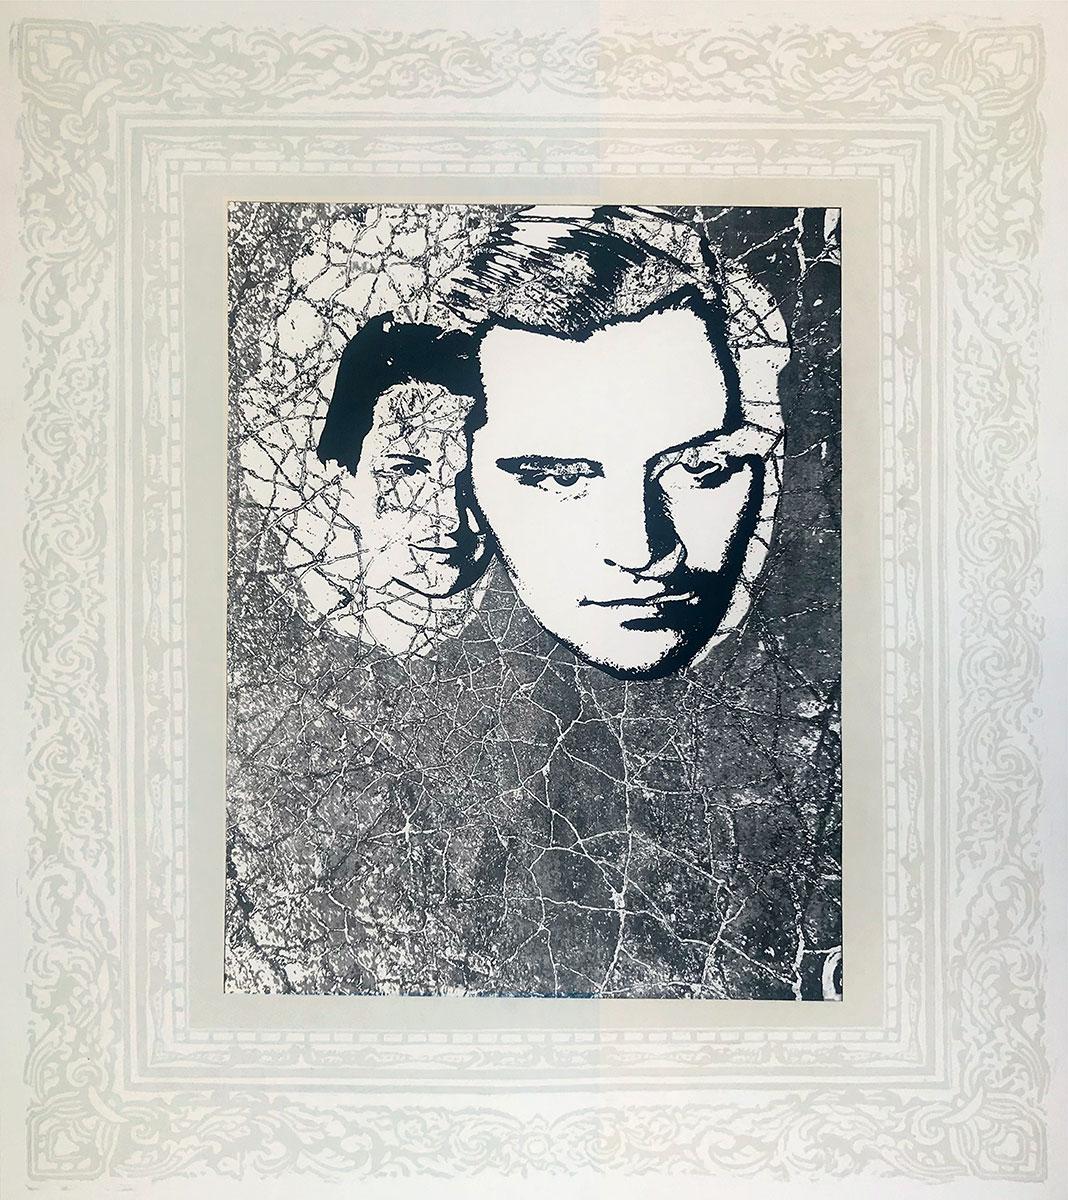 Portrait in frames -2